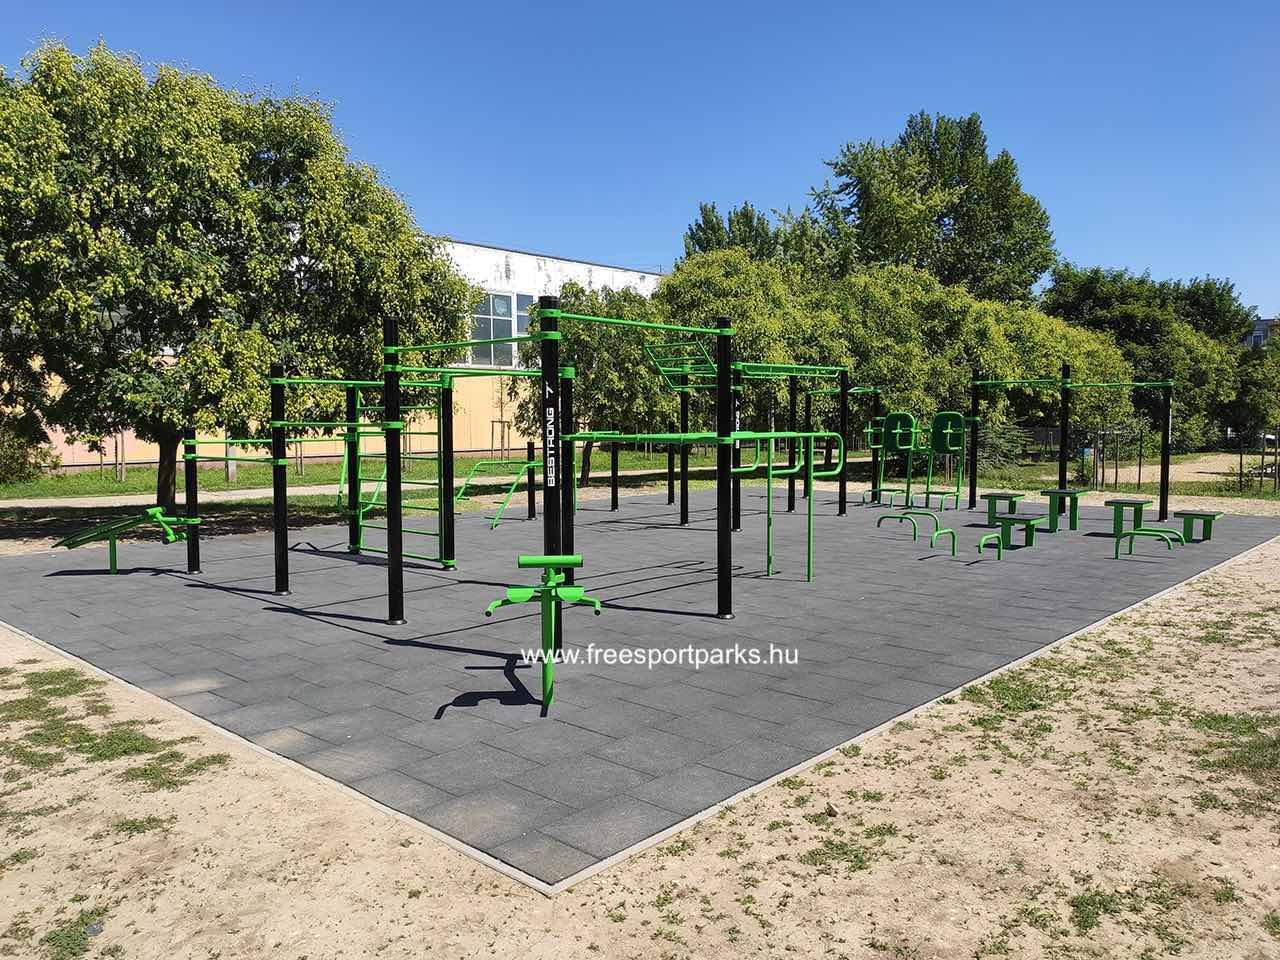 Arató Emil tér - Óbudai kondipark (Street Workout Park) - Free Sport Parks térkép